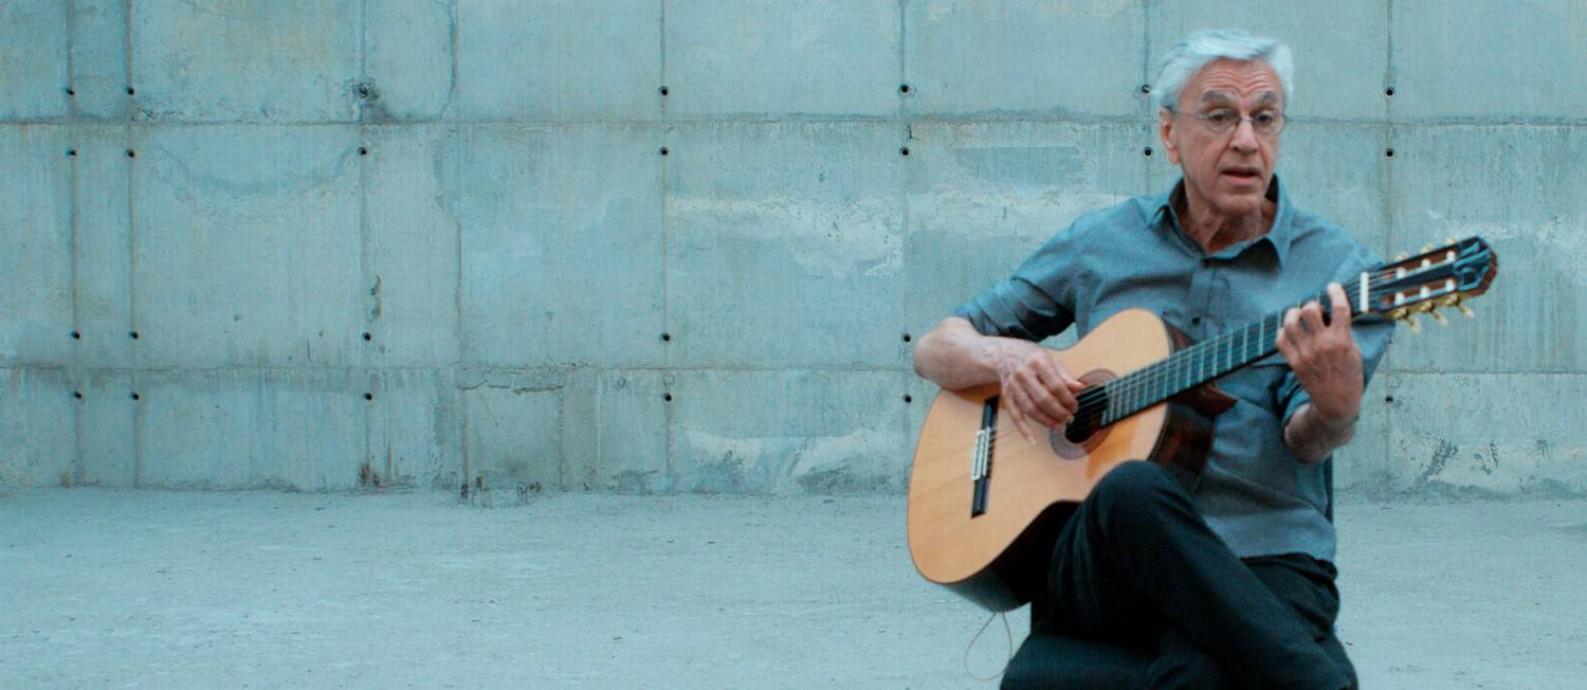 Caetano Veloso em cena do documentário 'Narciso em férias' Foto: Divulgação